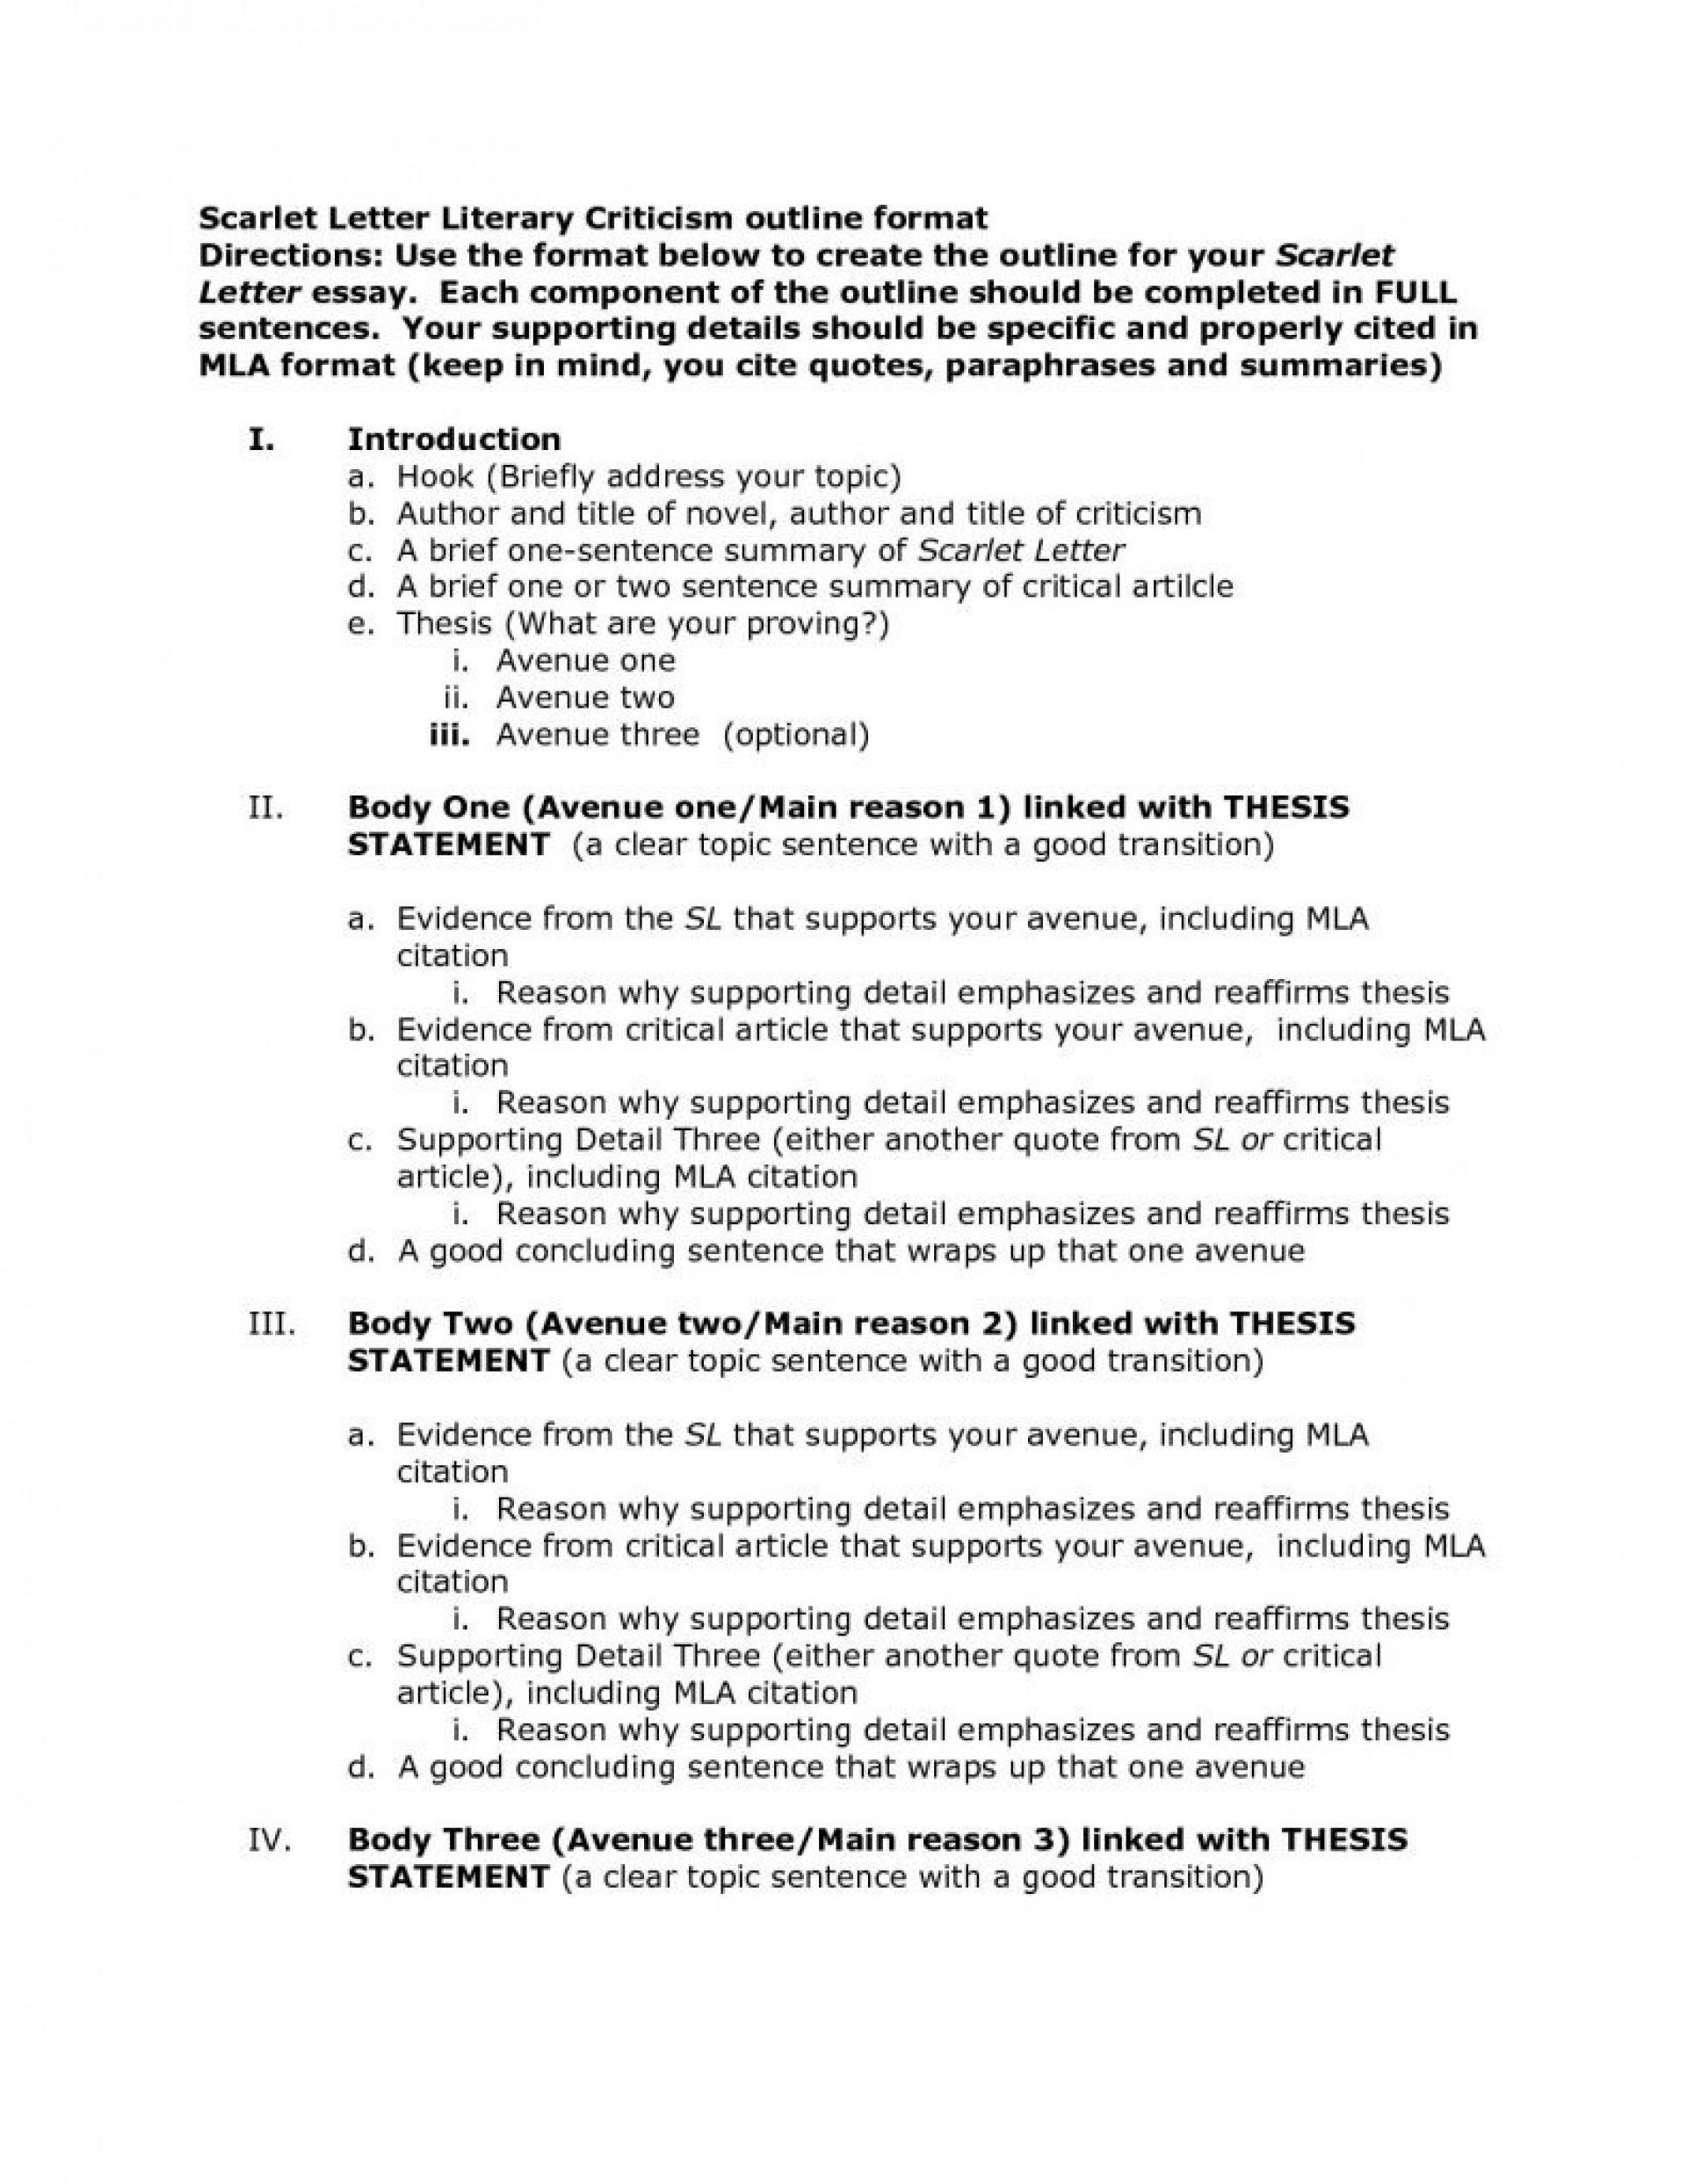 006 Mla Format Quotes Inspirational Generator For Essay Argumentative Outline Fresh Scarlet Letter Valid Works Imposing Titles On Sin Pdf 1920